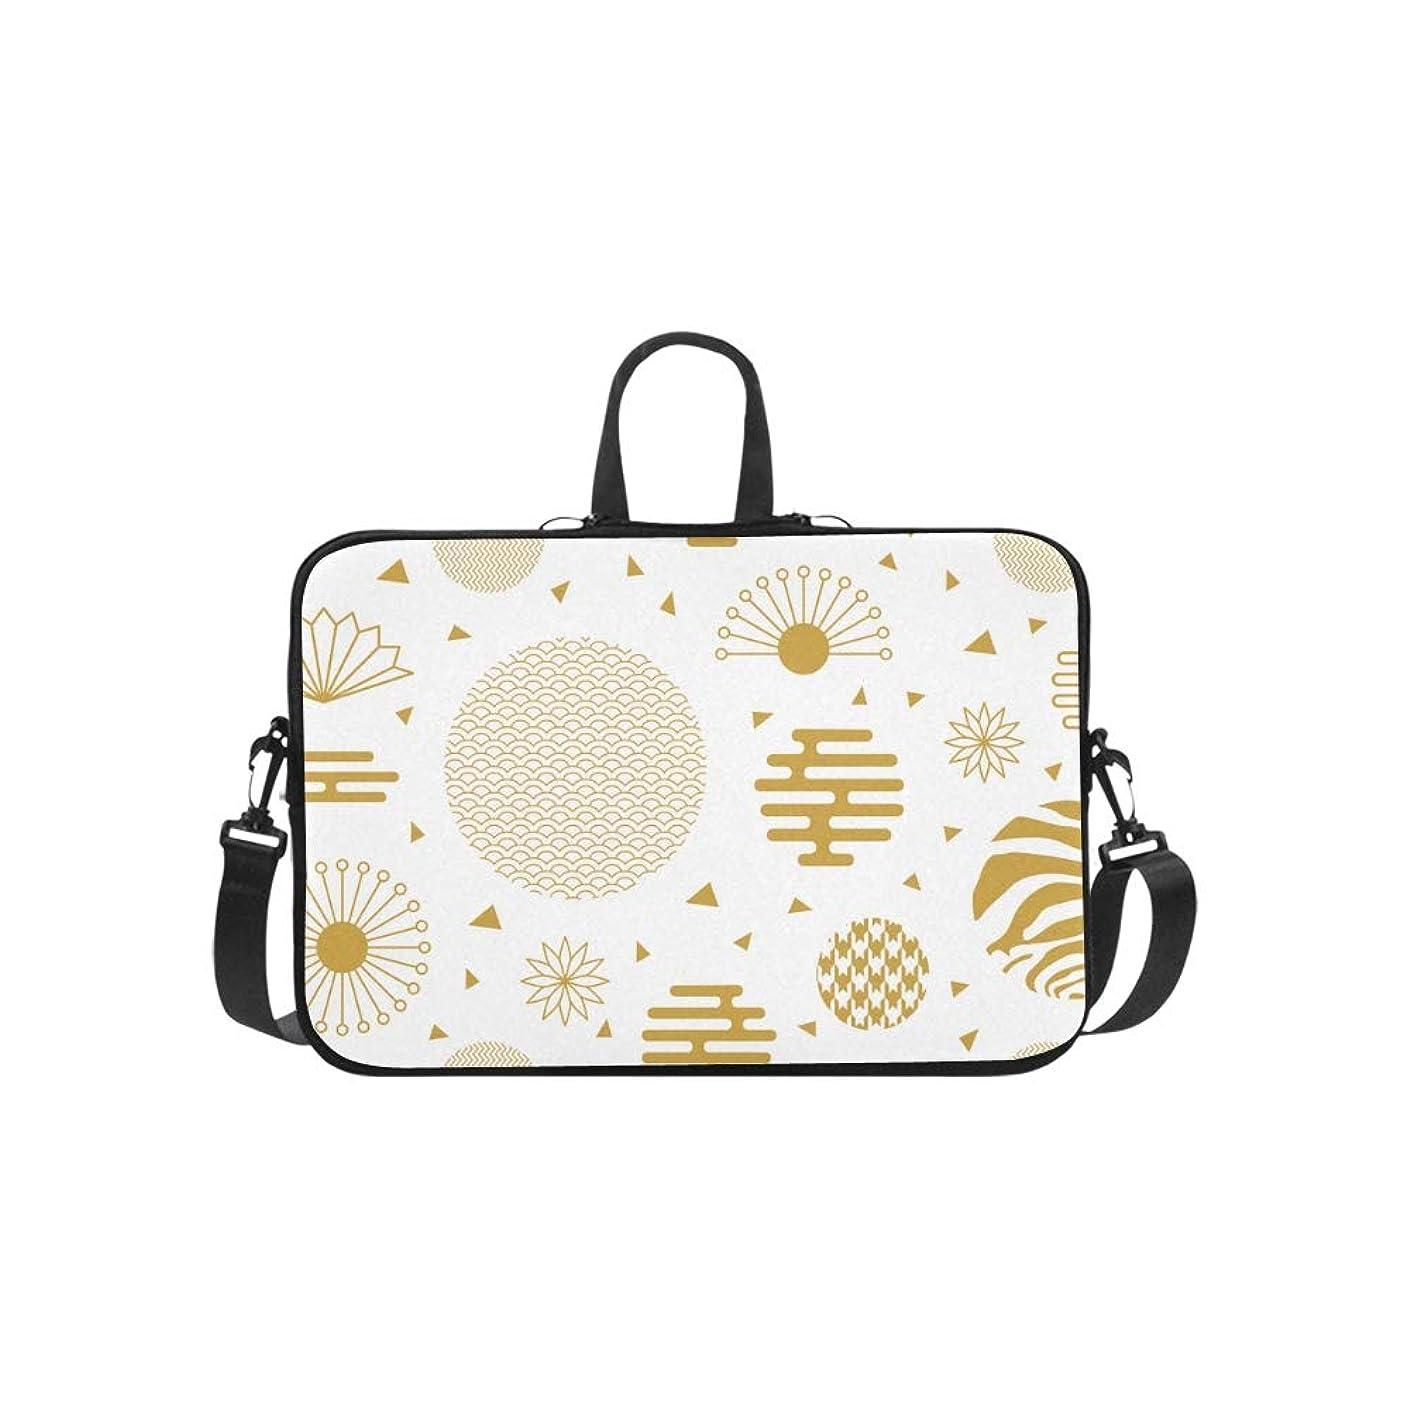 Asian Style Holiday Blessing Fan Pattern Briefcase Laptop Bag Messenger Shoulder Work Bag Crossbody Handbag for Business Travelling